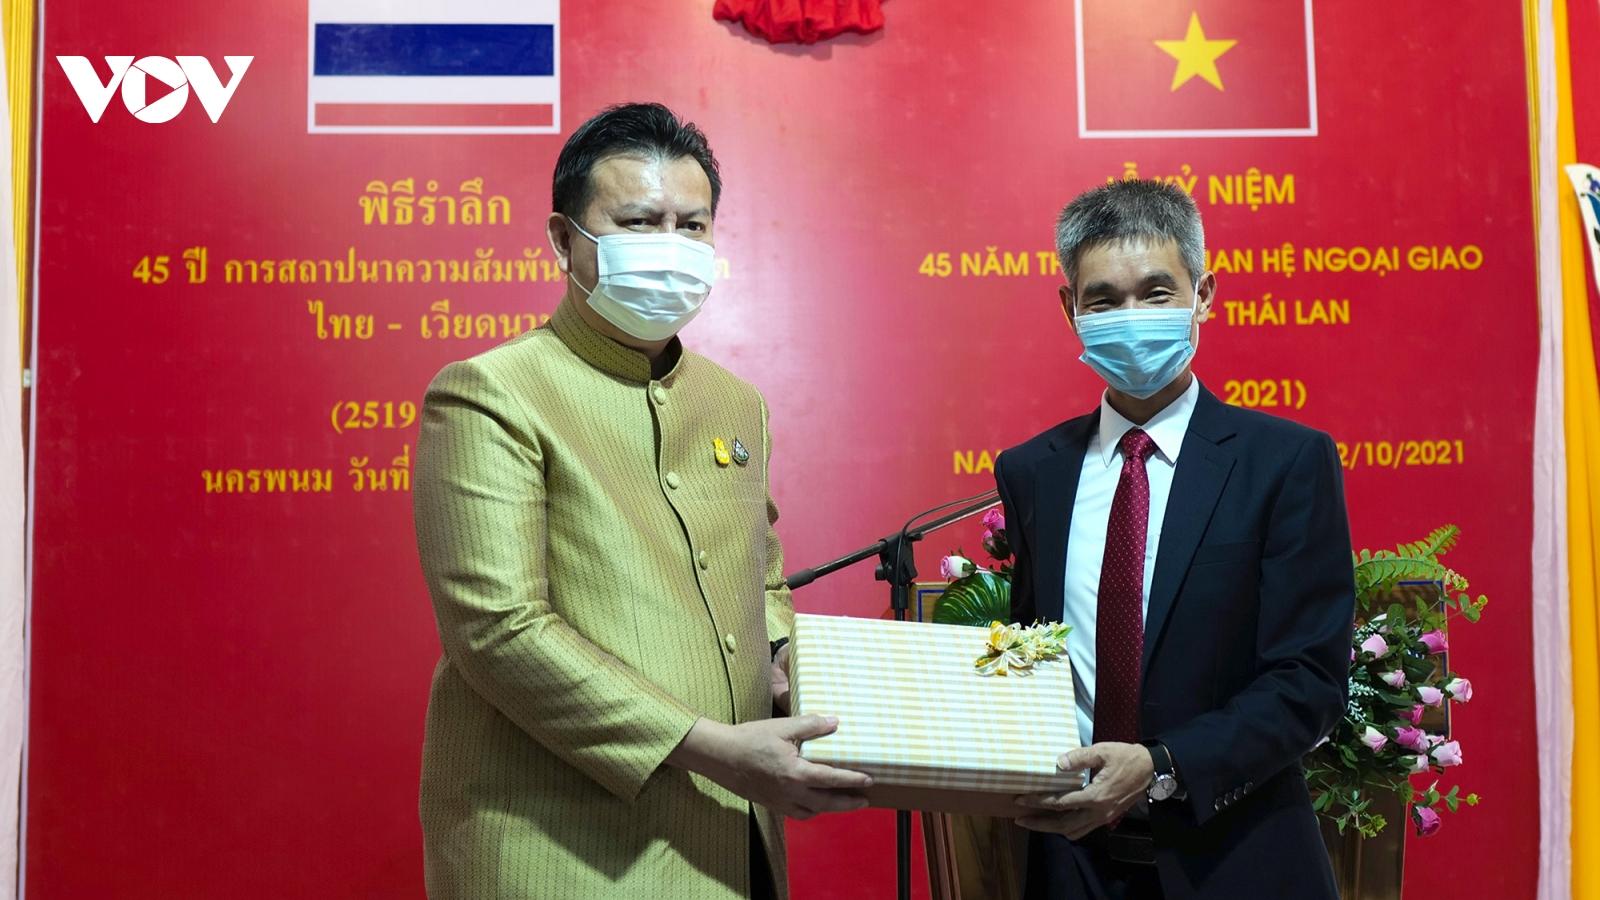 Tiếp tục phát triển quan hệ hợp tác hữu nghị Việt Nam - Thái Lan